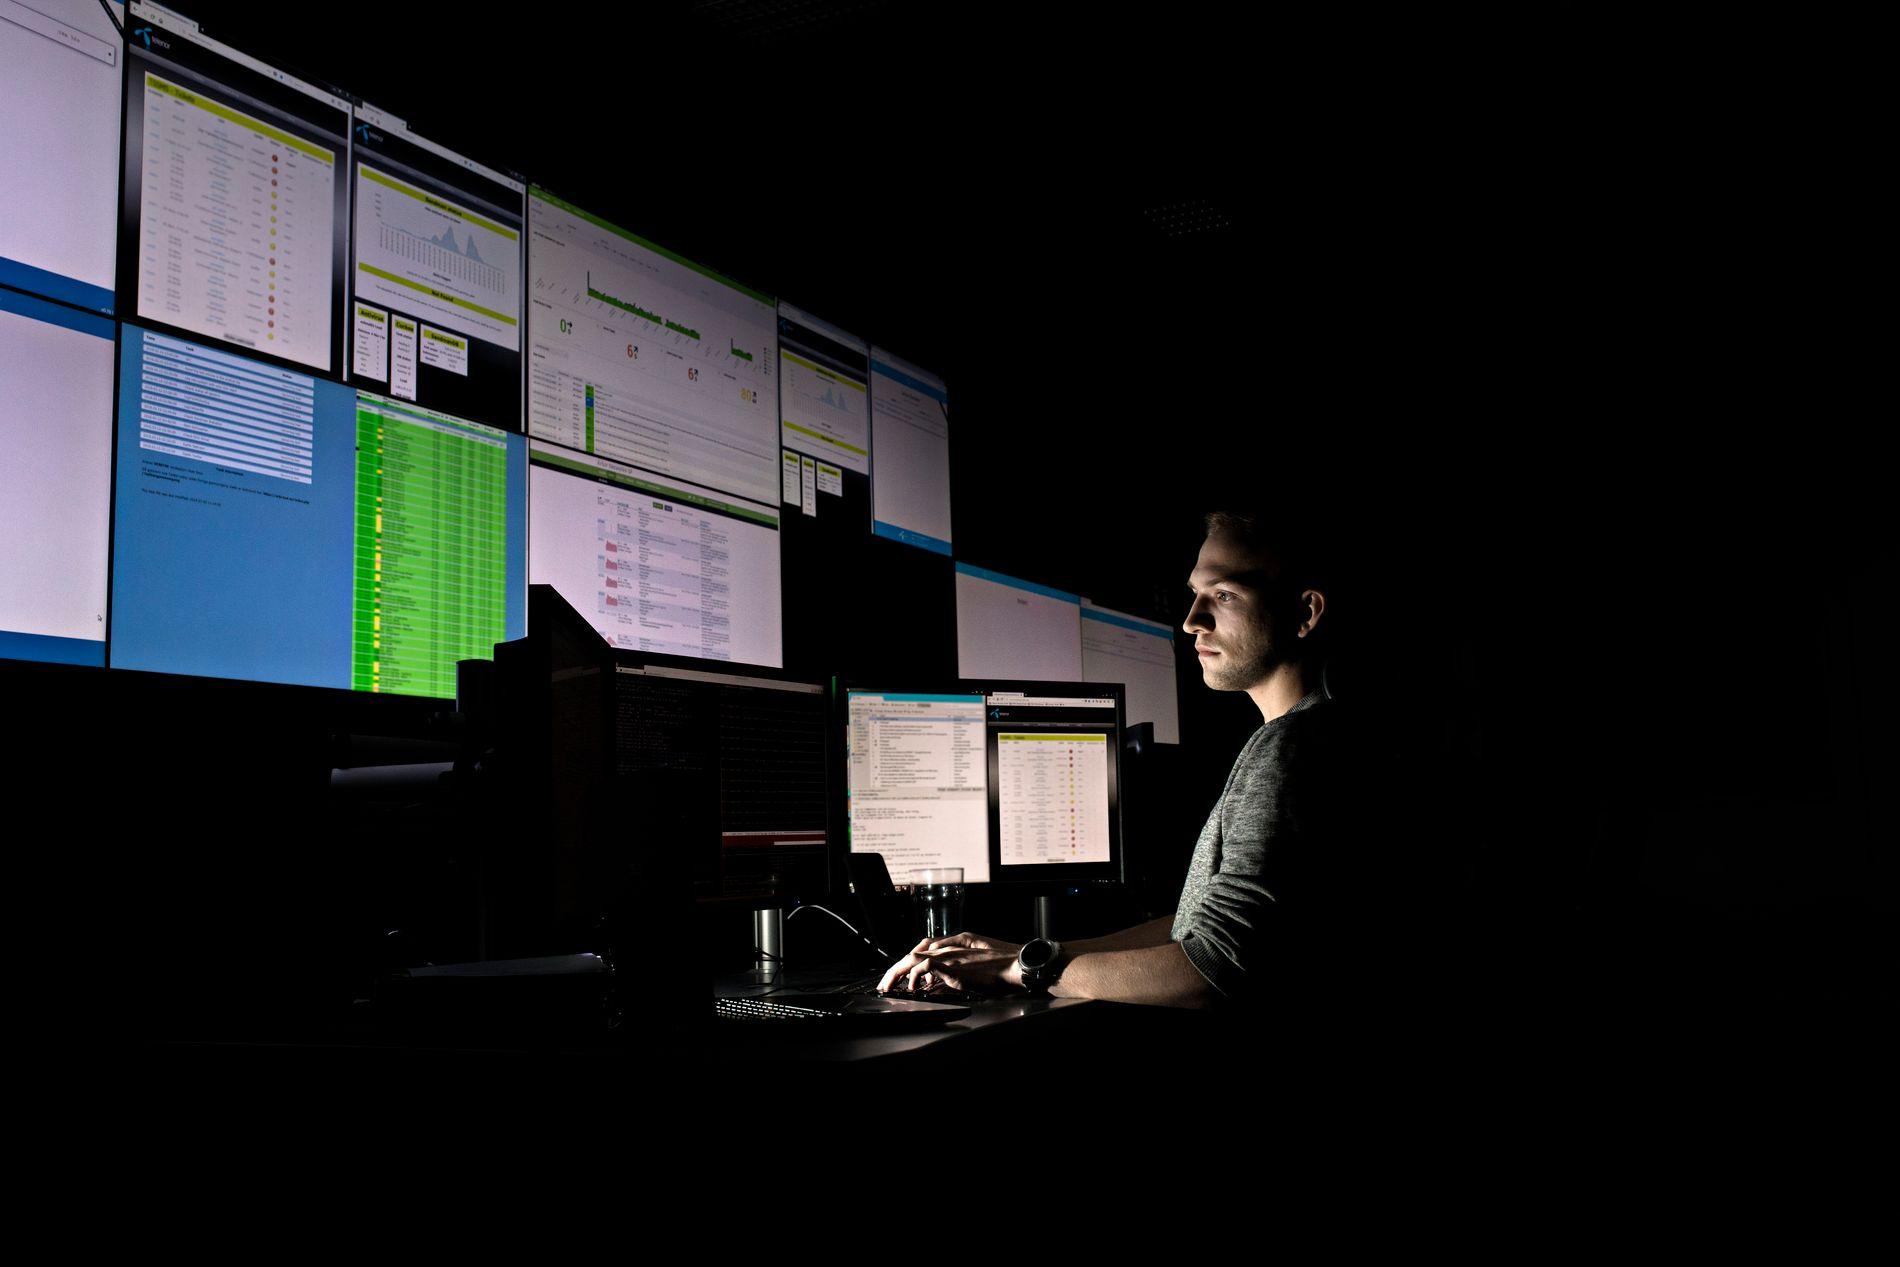 FØLGER MED: Telenors sikkerhetssenter i Arendal (TSOC) jobber døgnet rundt med å håndtere datasikkerhetstrusler. Nesten 80 prosent av all landets datatrafikk går gjennom Telenors nett.